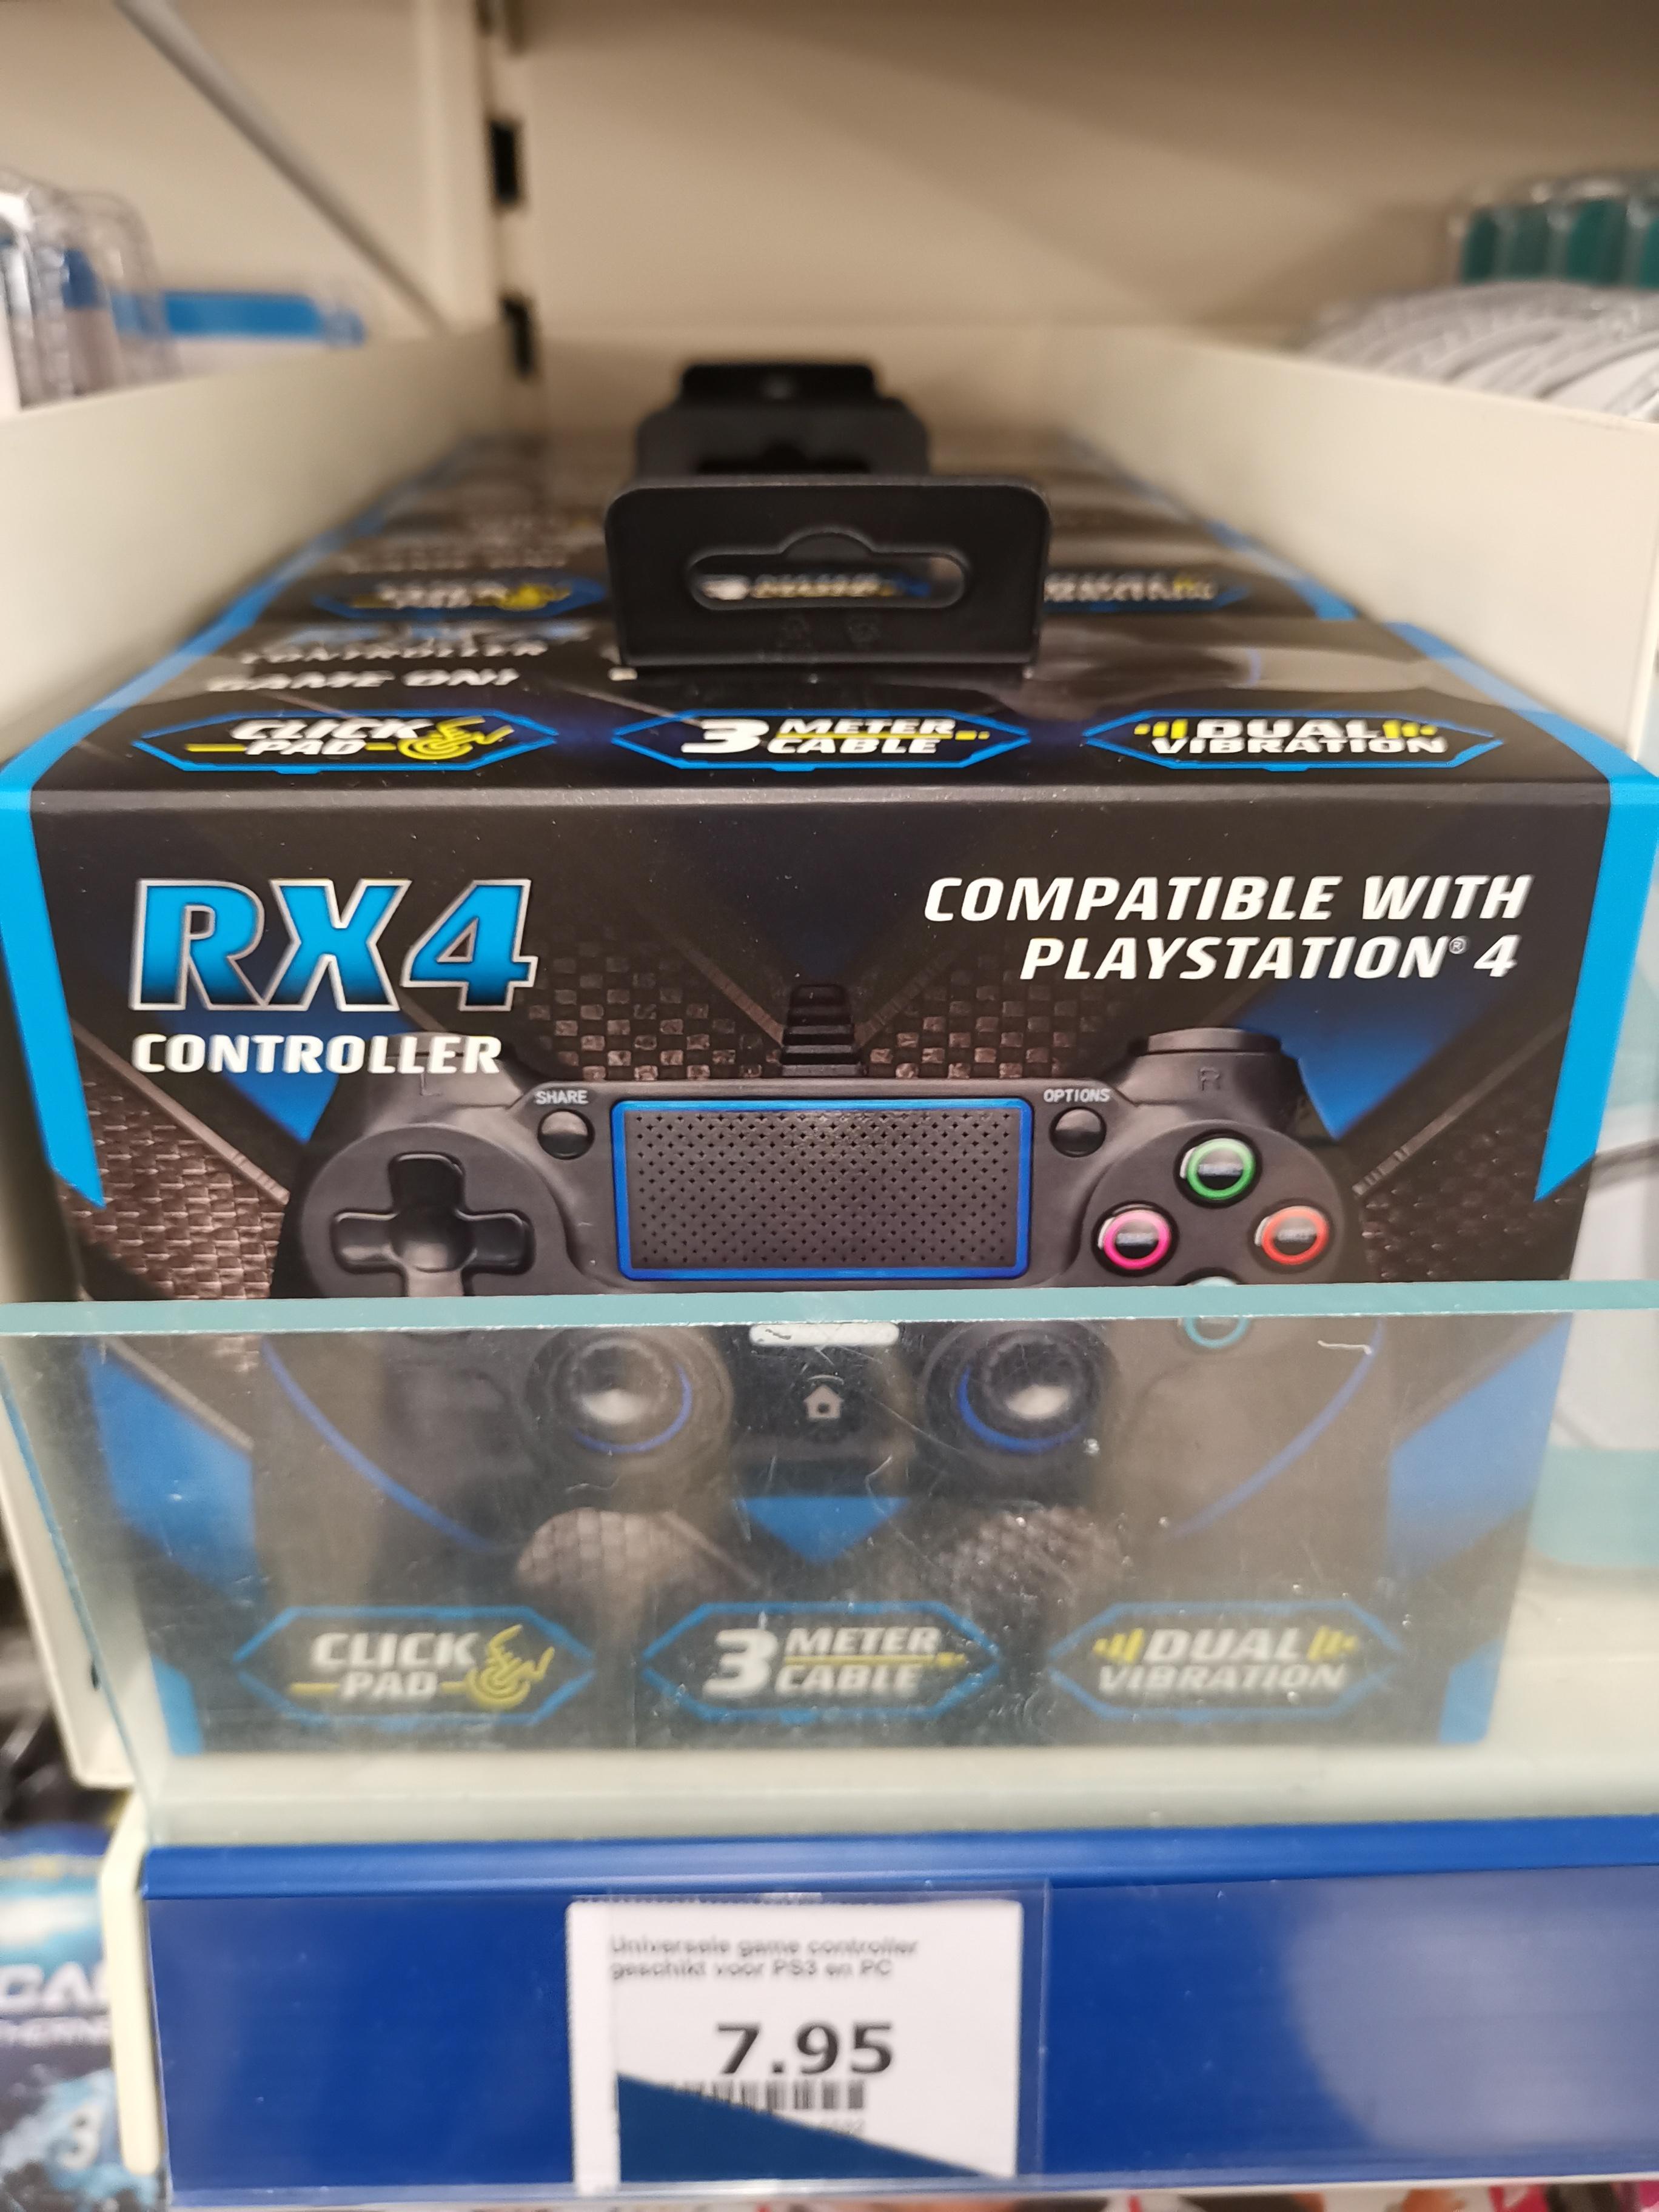 RX4 Controller met 3 meter USB kabel, touchpad en PS4 Compatible